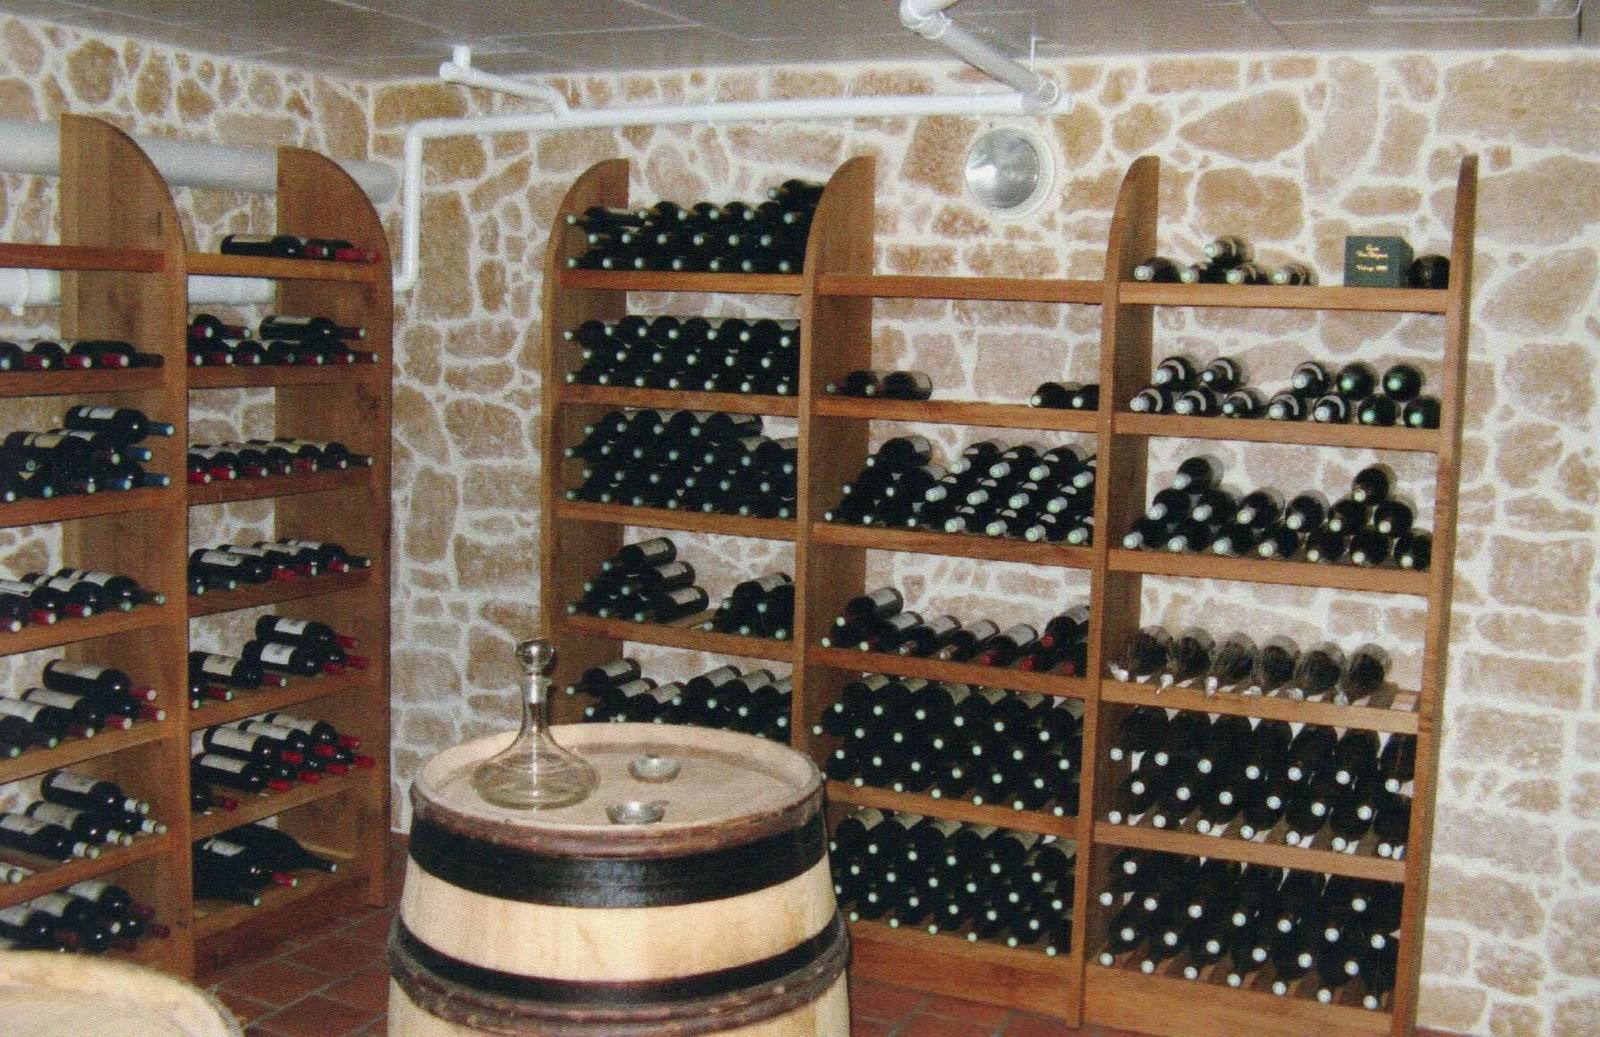 Am nagement cave vin cave vins savoie installation am for Construire sa cave a vin en bois